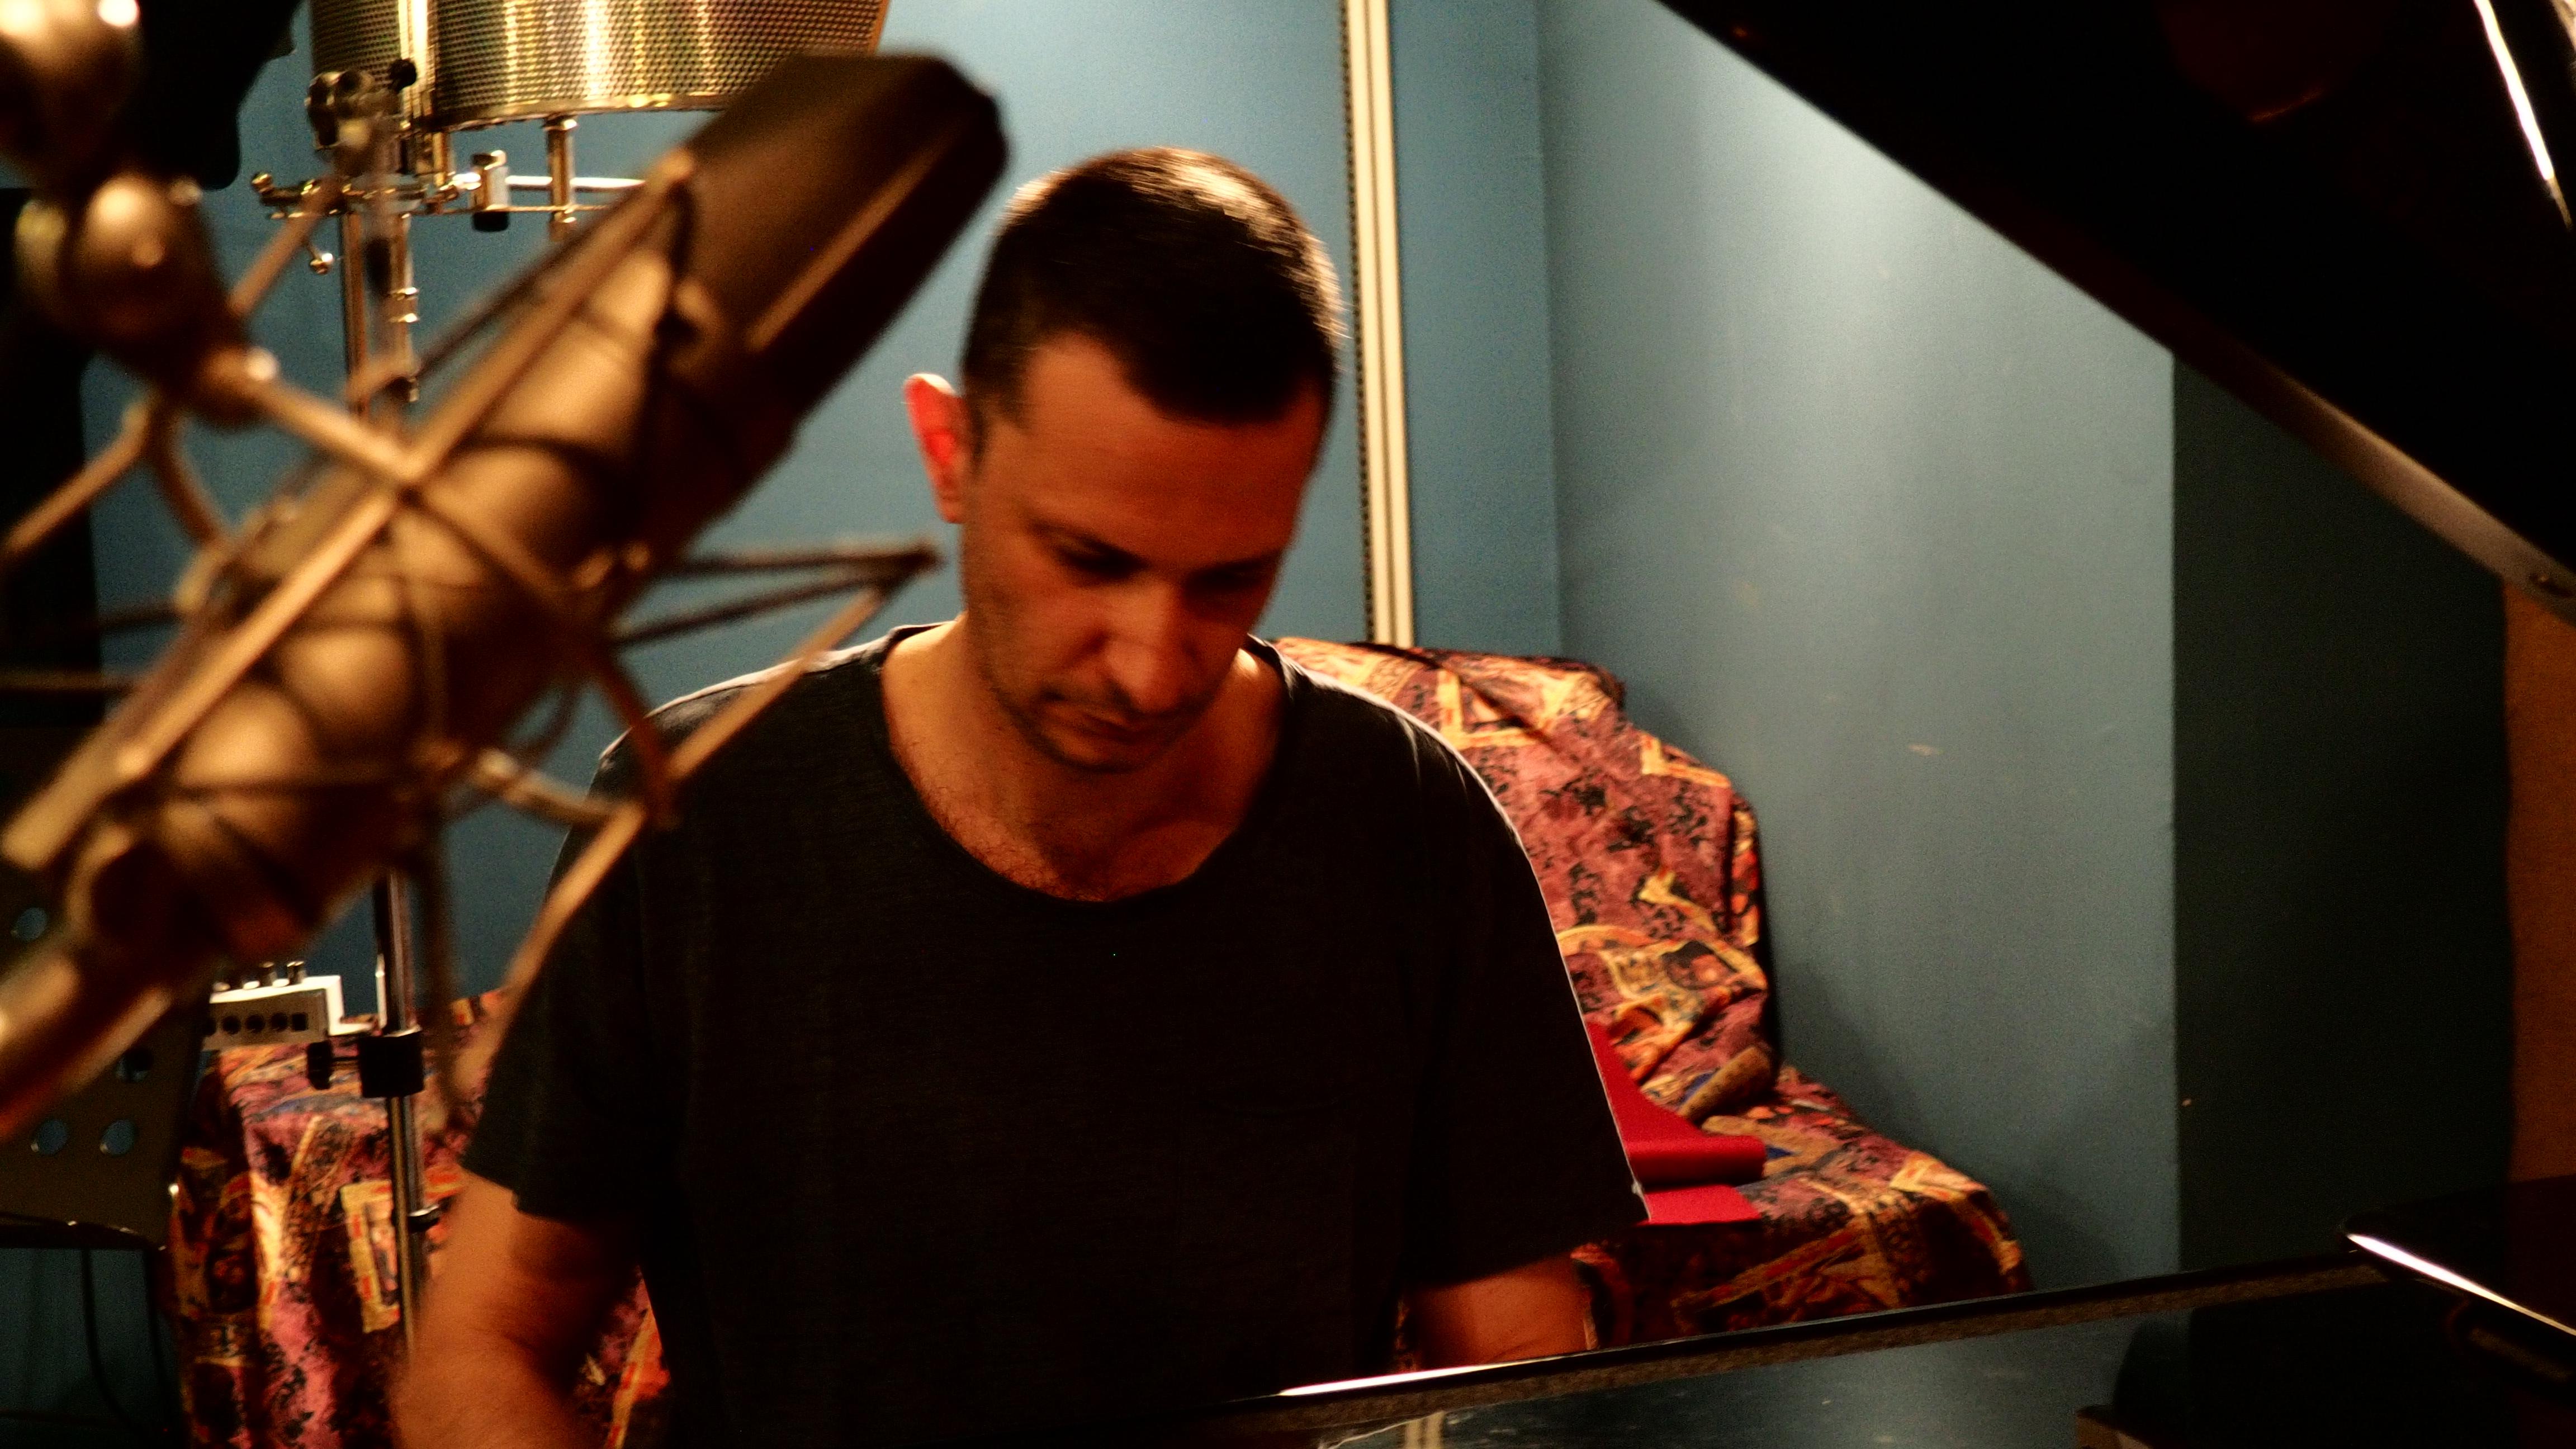 Ο Σπύρος Δεληγιαννόυπολος στο στούντιο